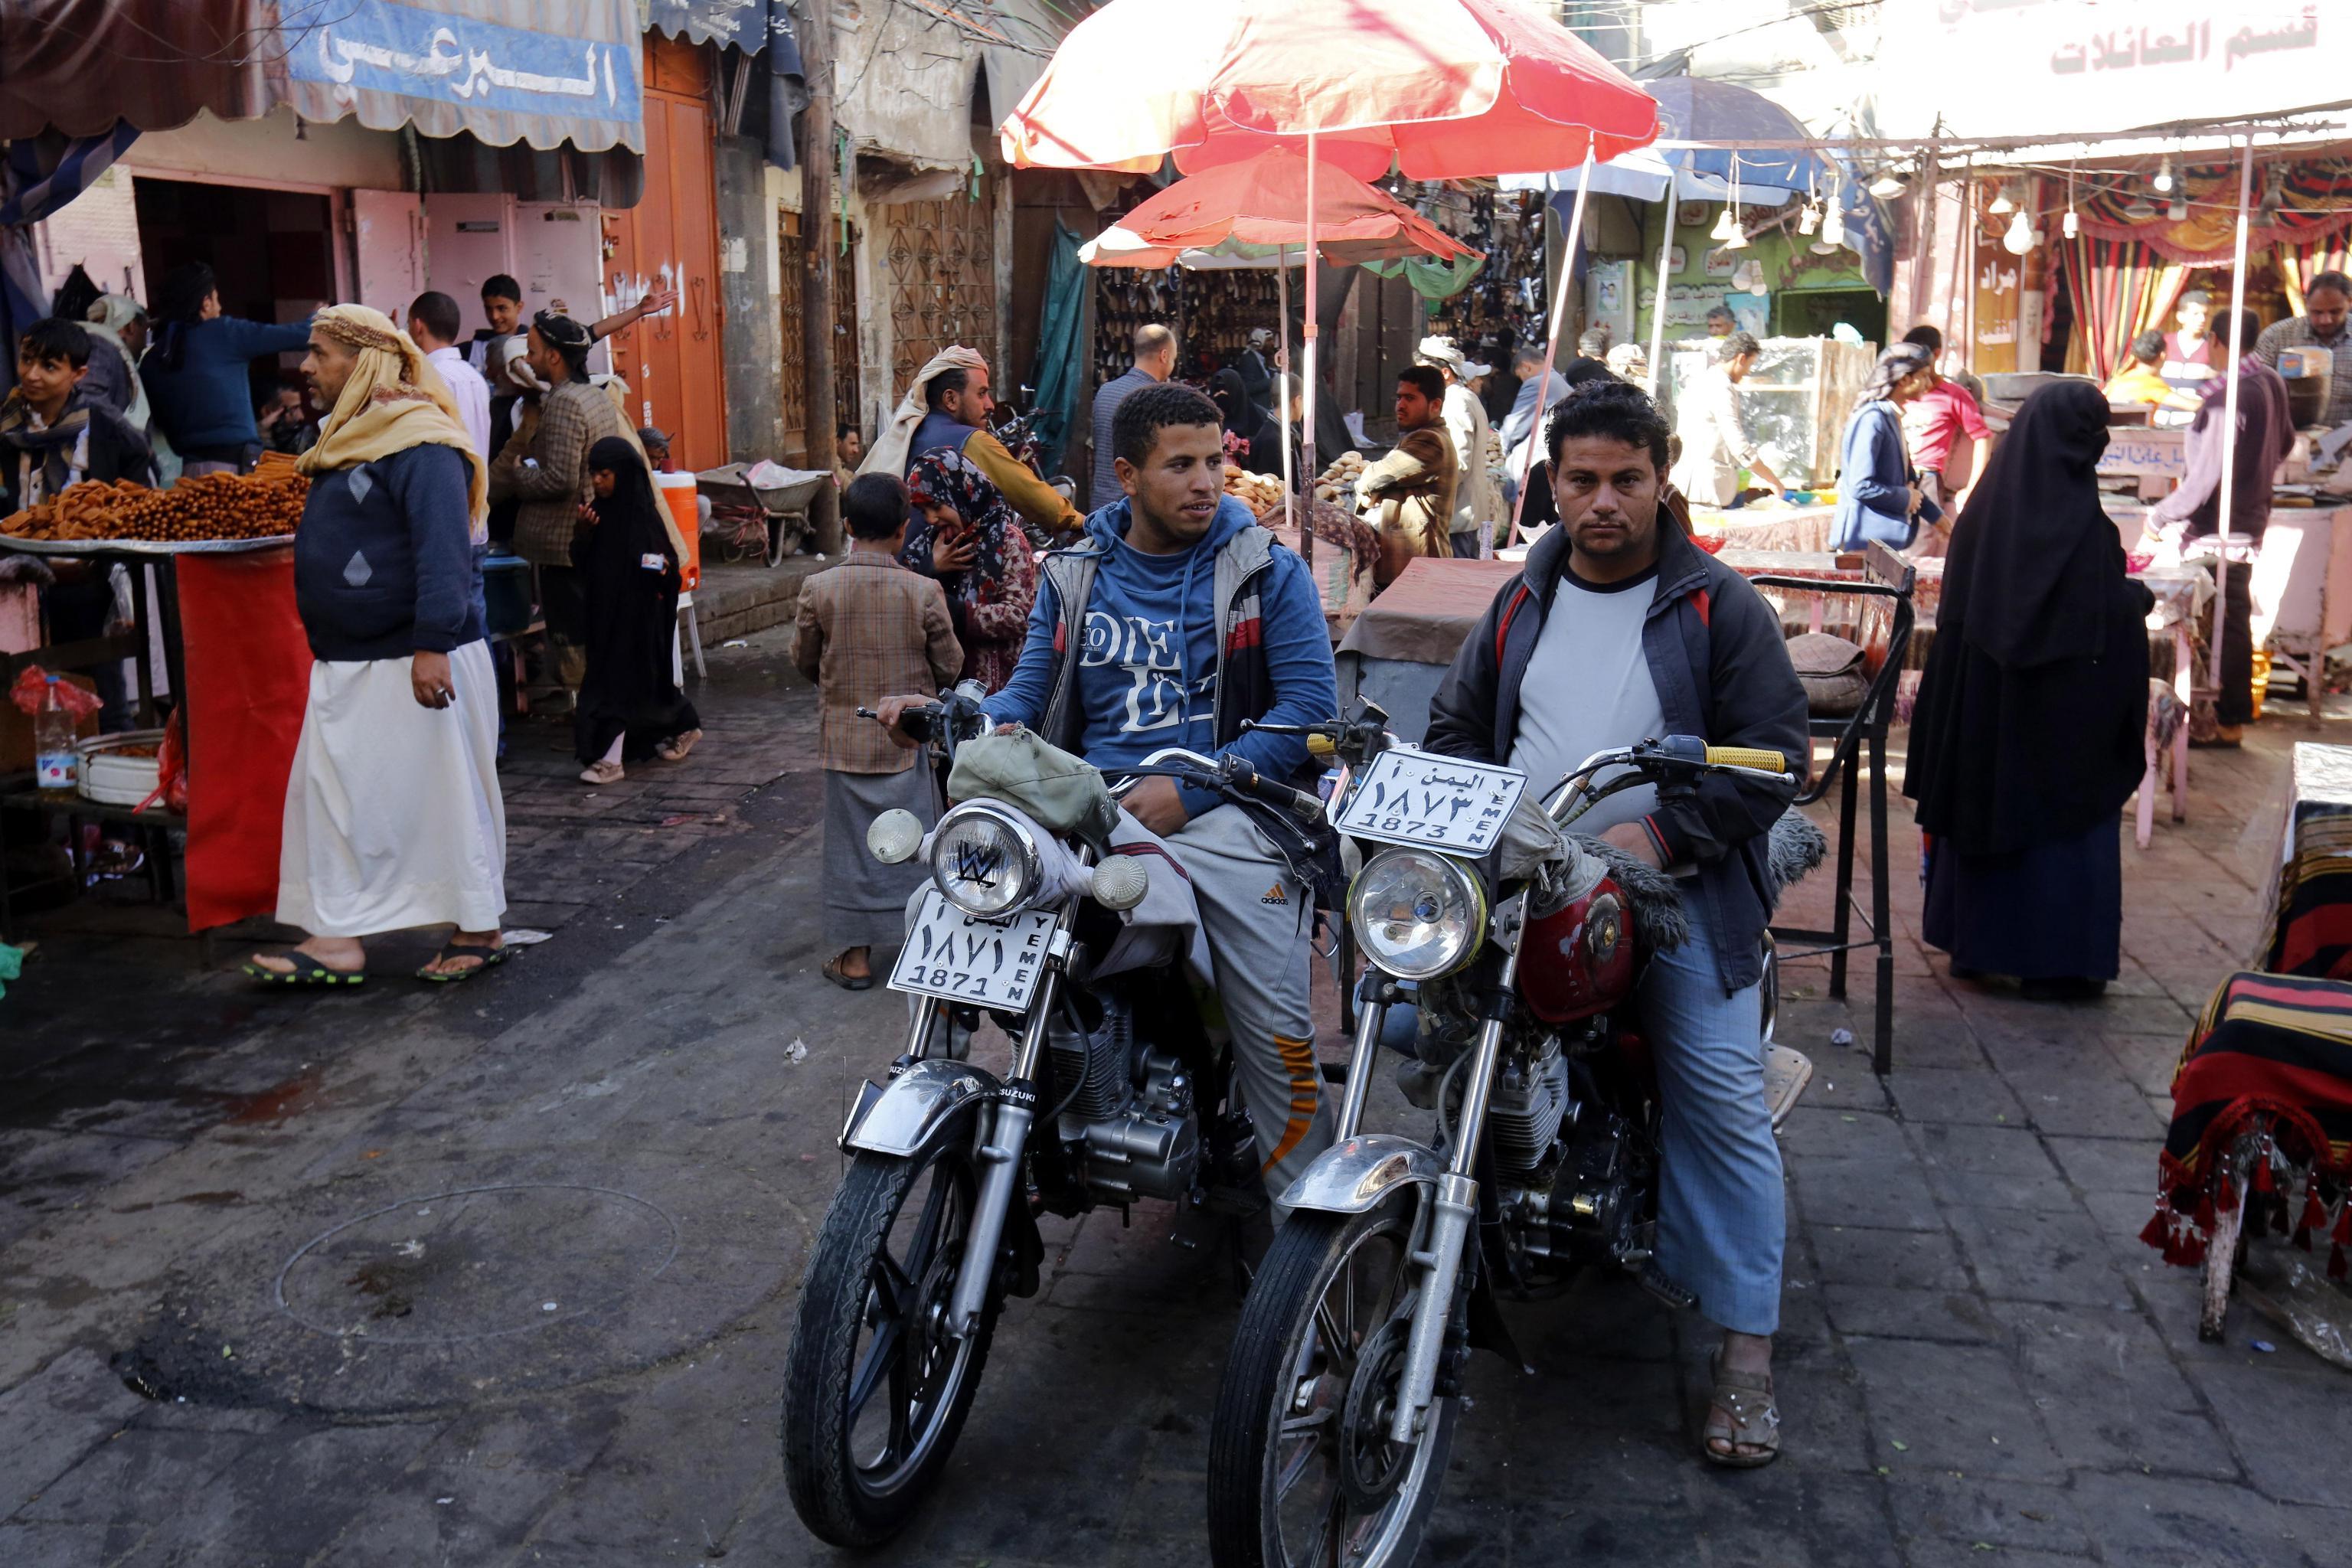 Tassisti sullo scooter aspettano clienti per la loro prossima corsa.